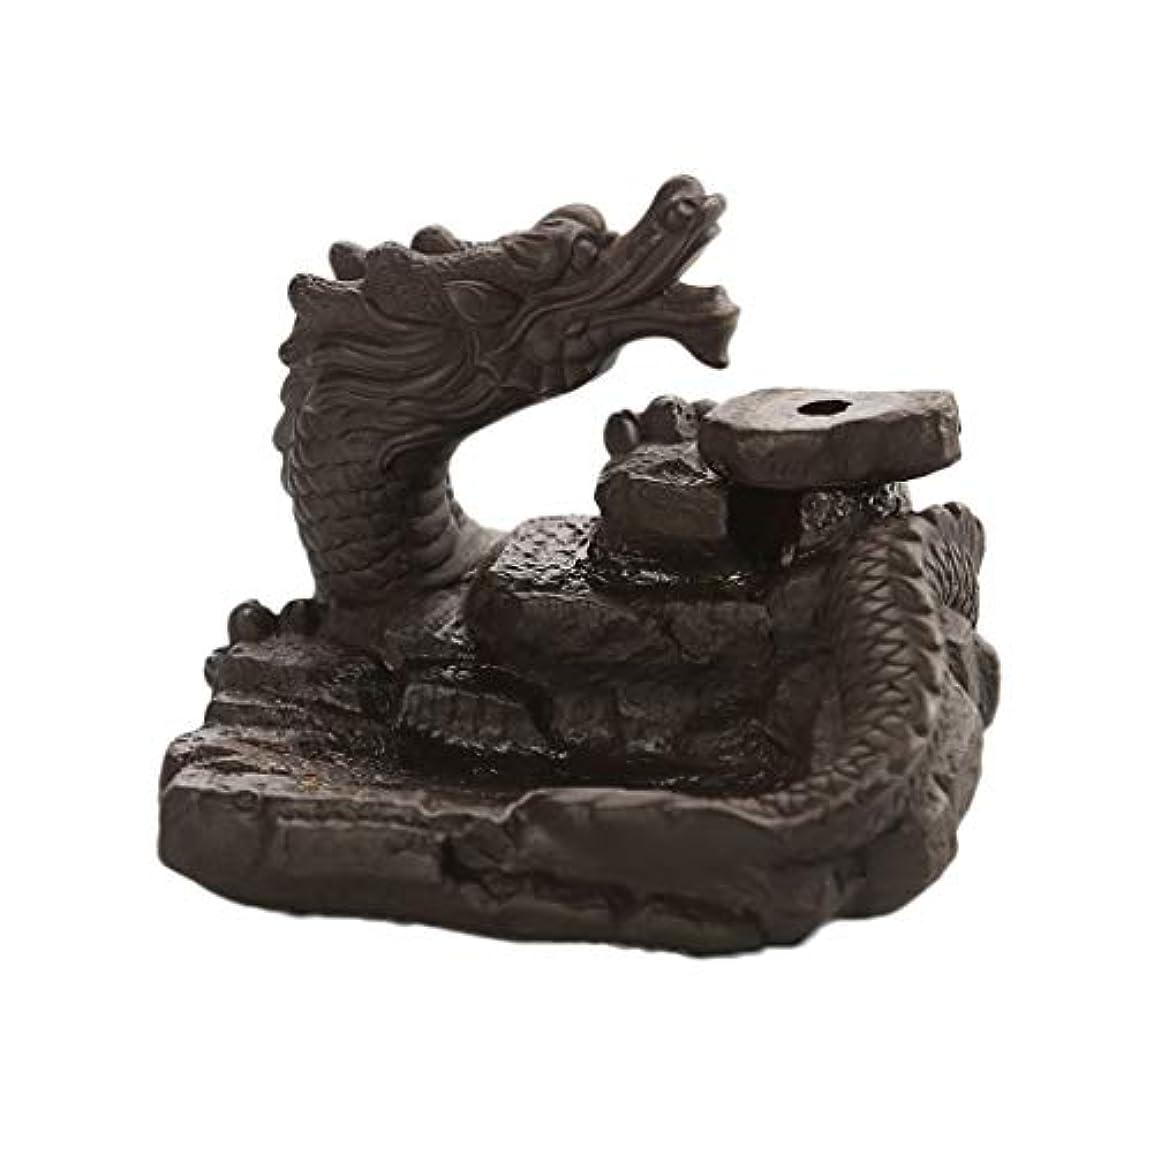 芳香器?アロマバーナー ドラゴンの逆流の香炉の陶磁器のホールダーの黒ドラゴンの逆流の香炉の香炉の陶磁器のホールダー 芳香器?アロマバーナー